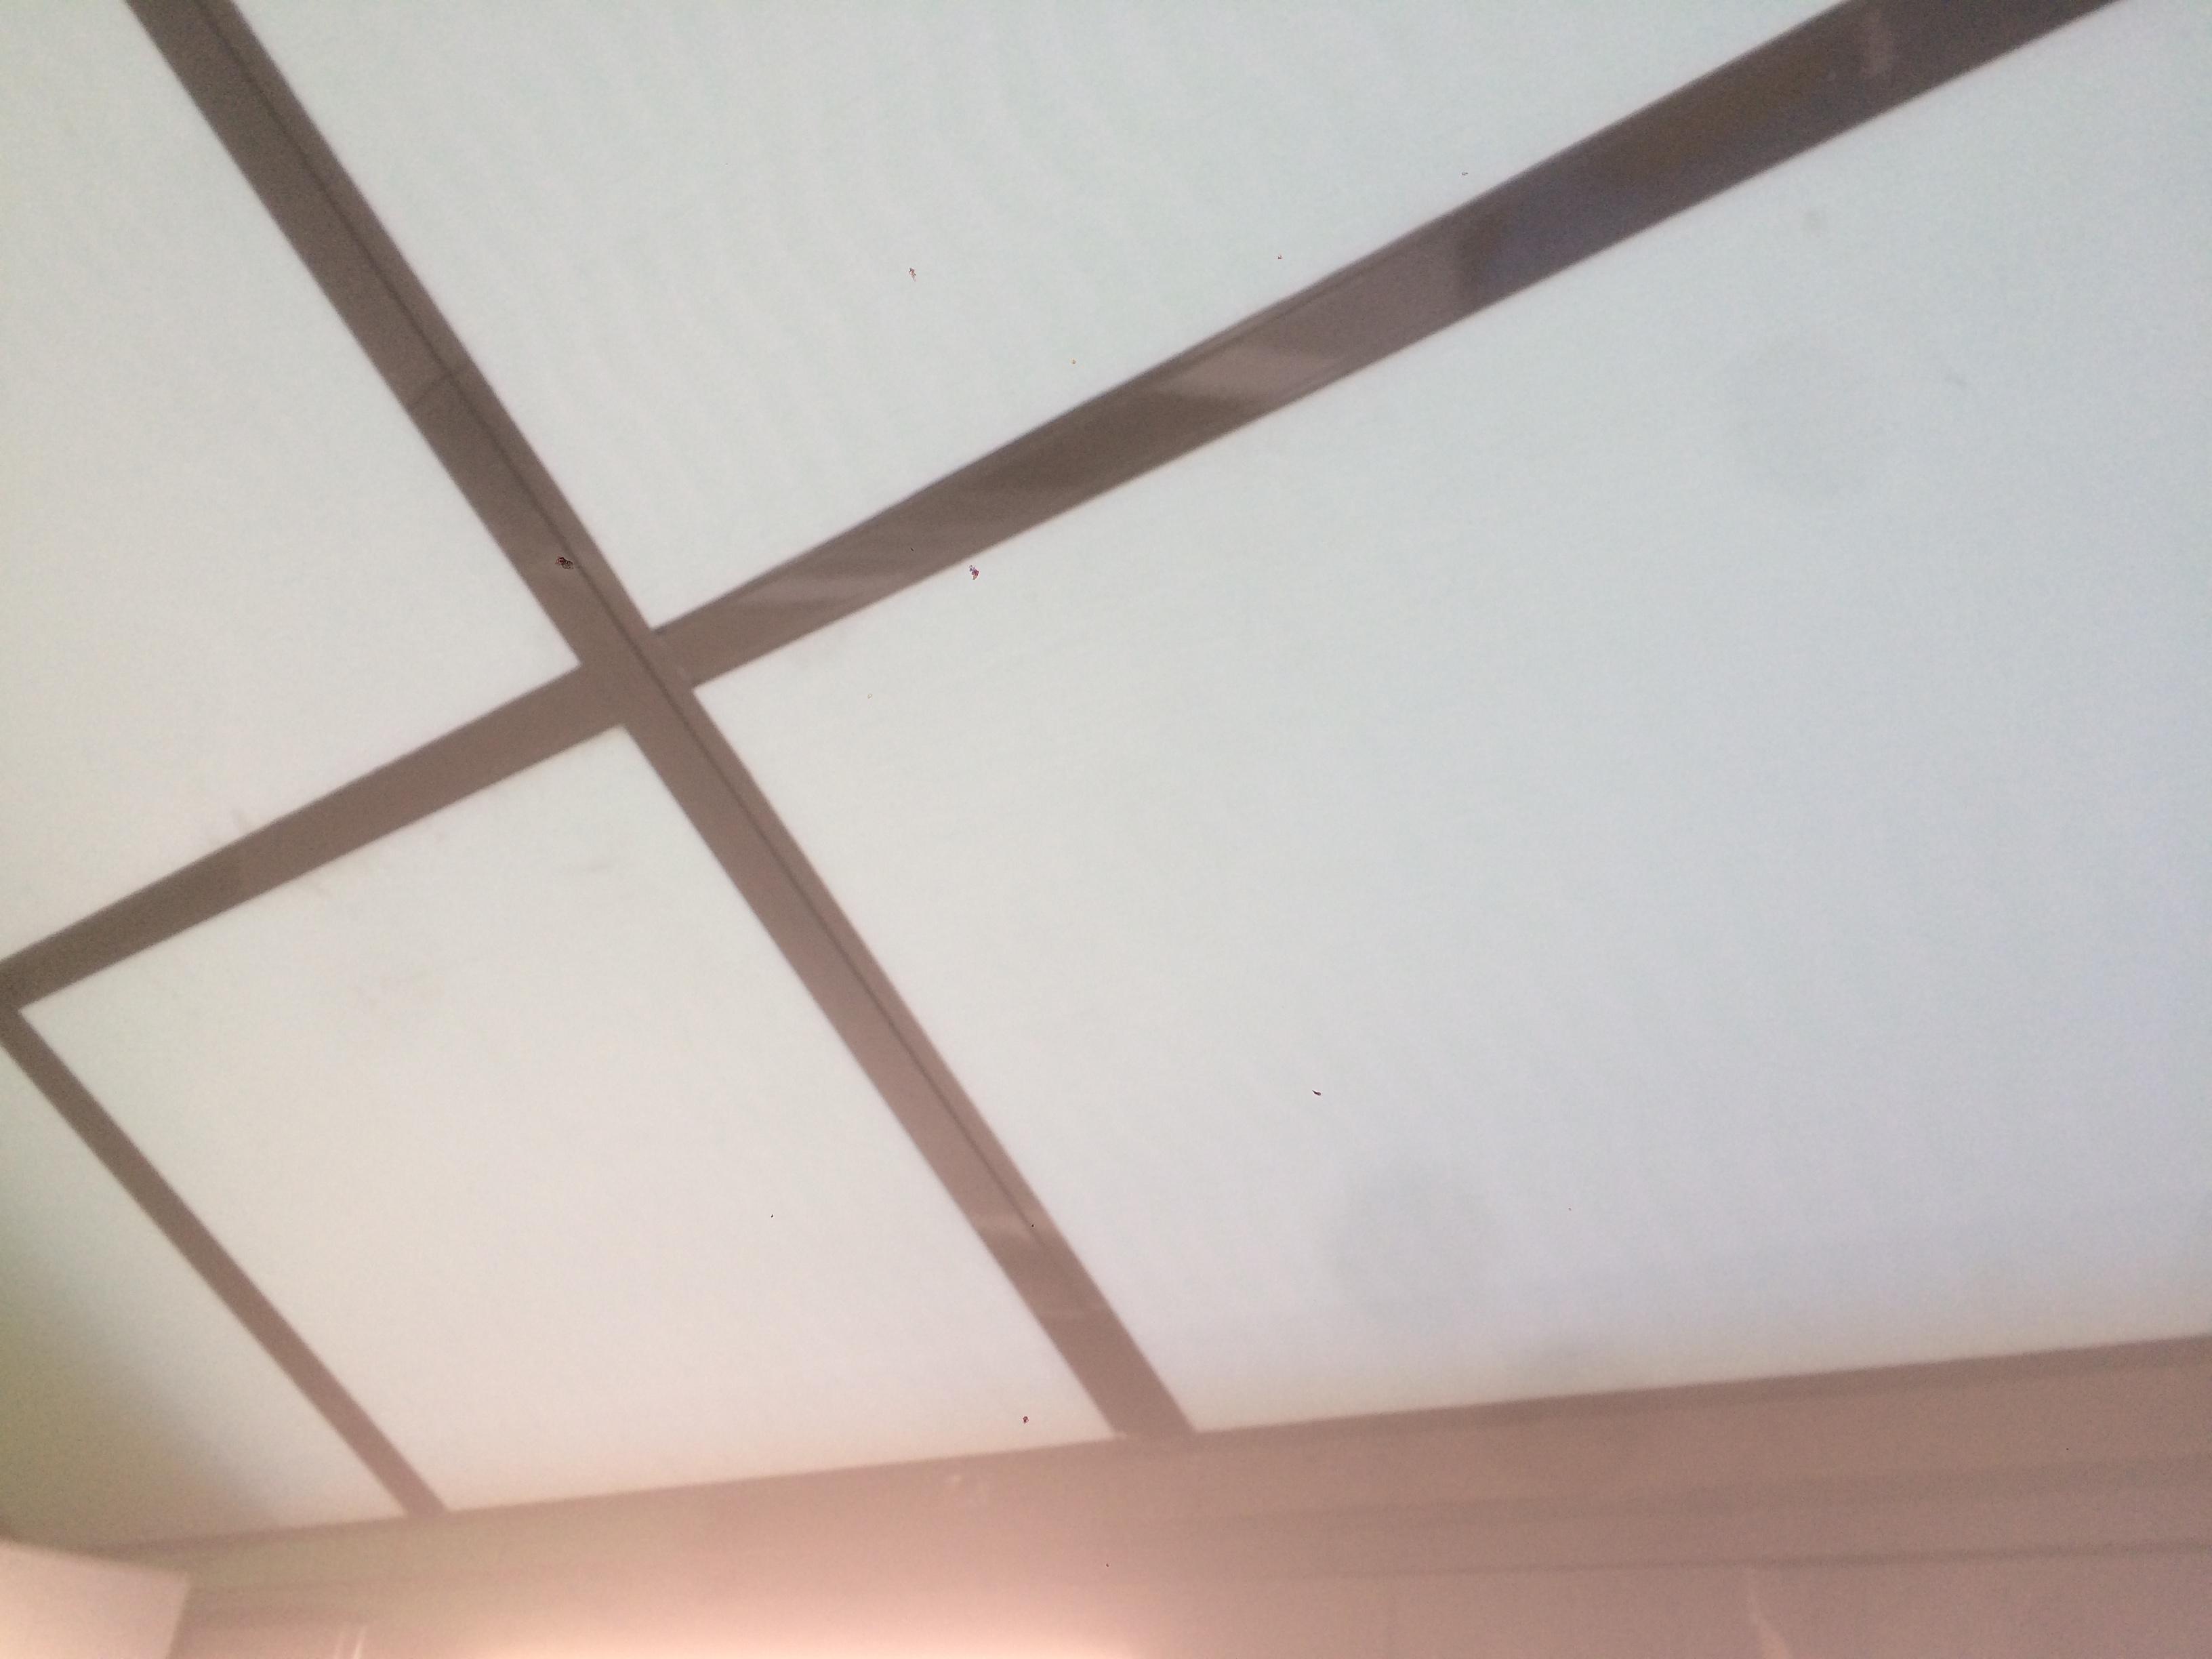 中央区ビル サンルーム改修工事